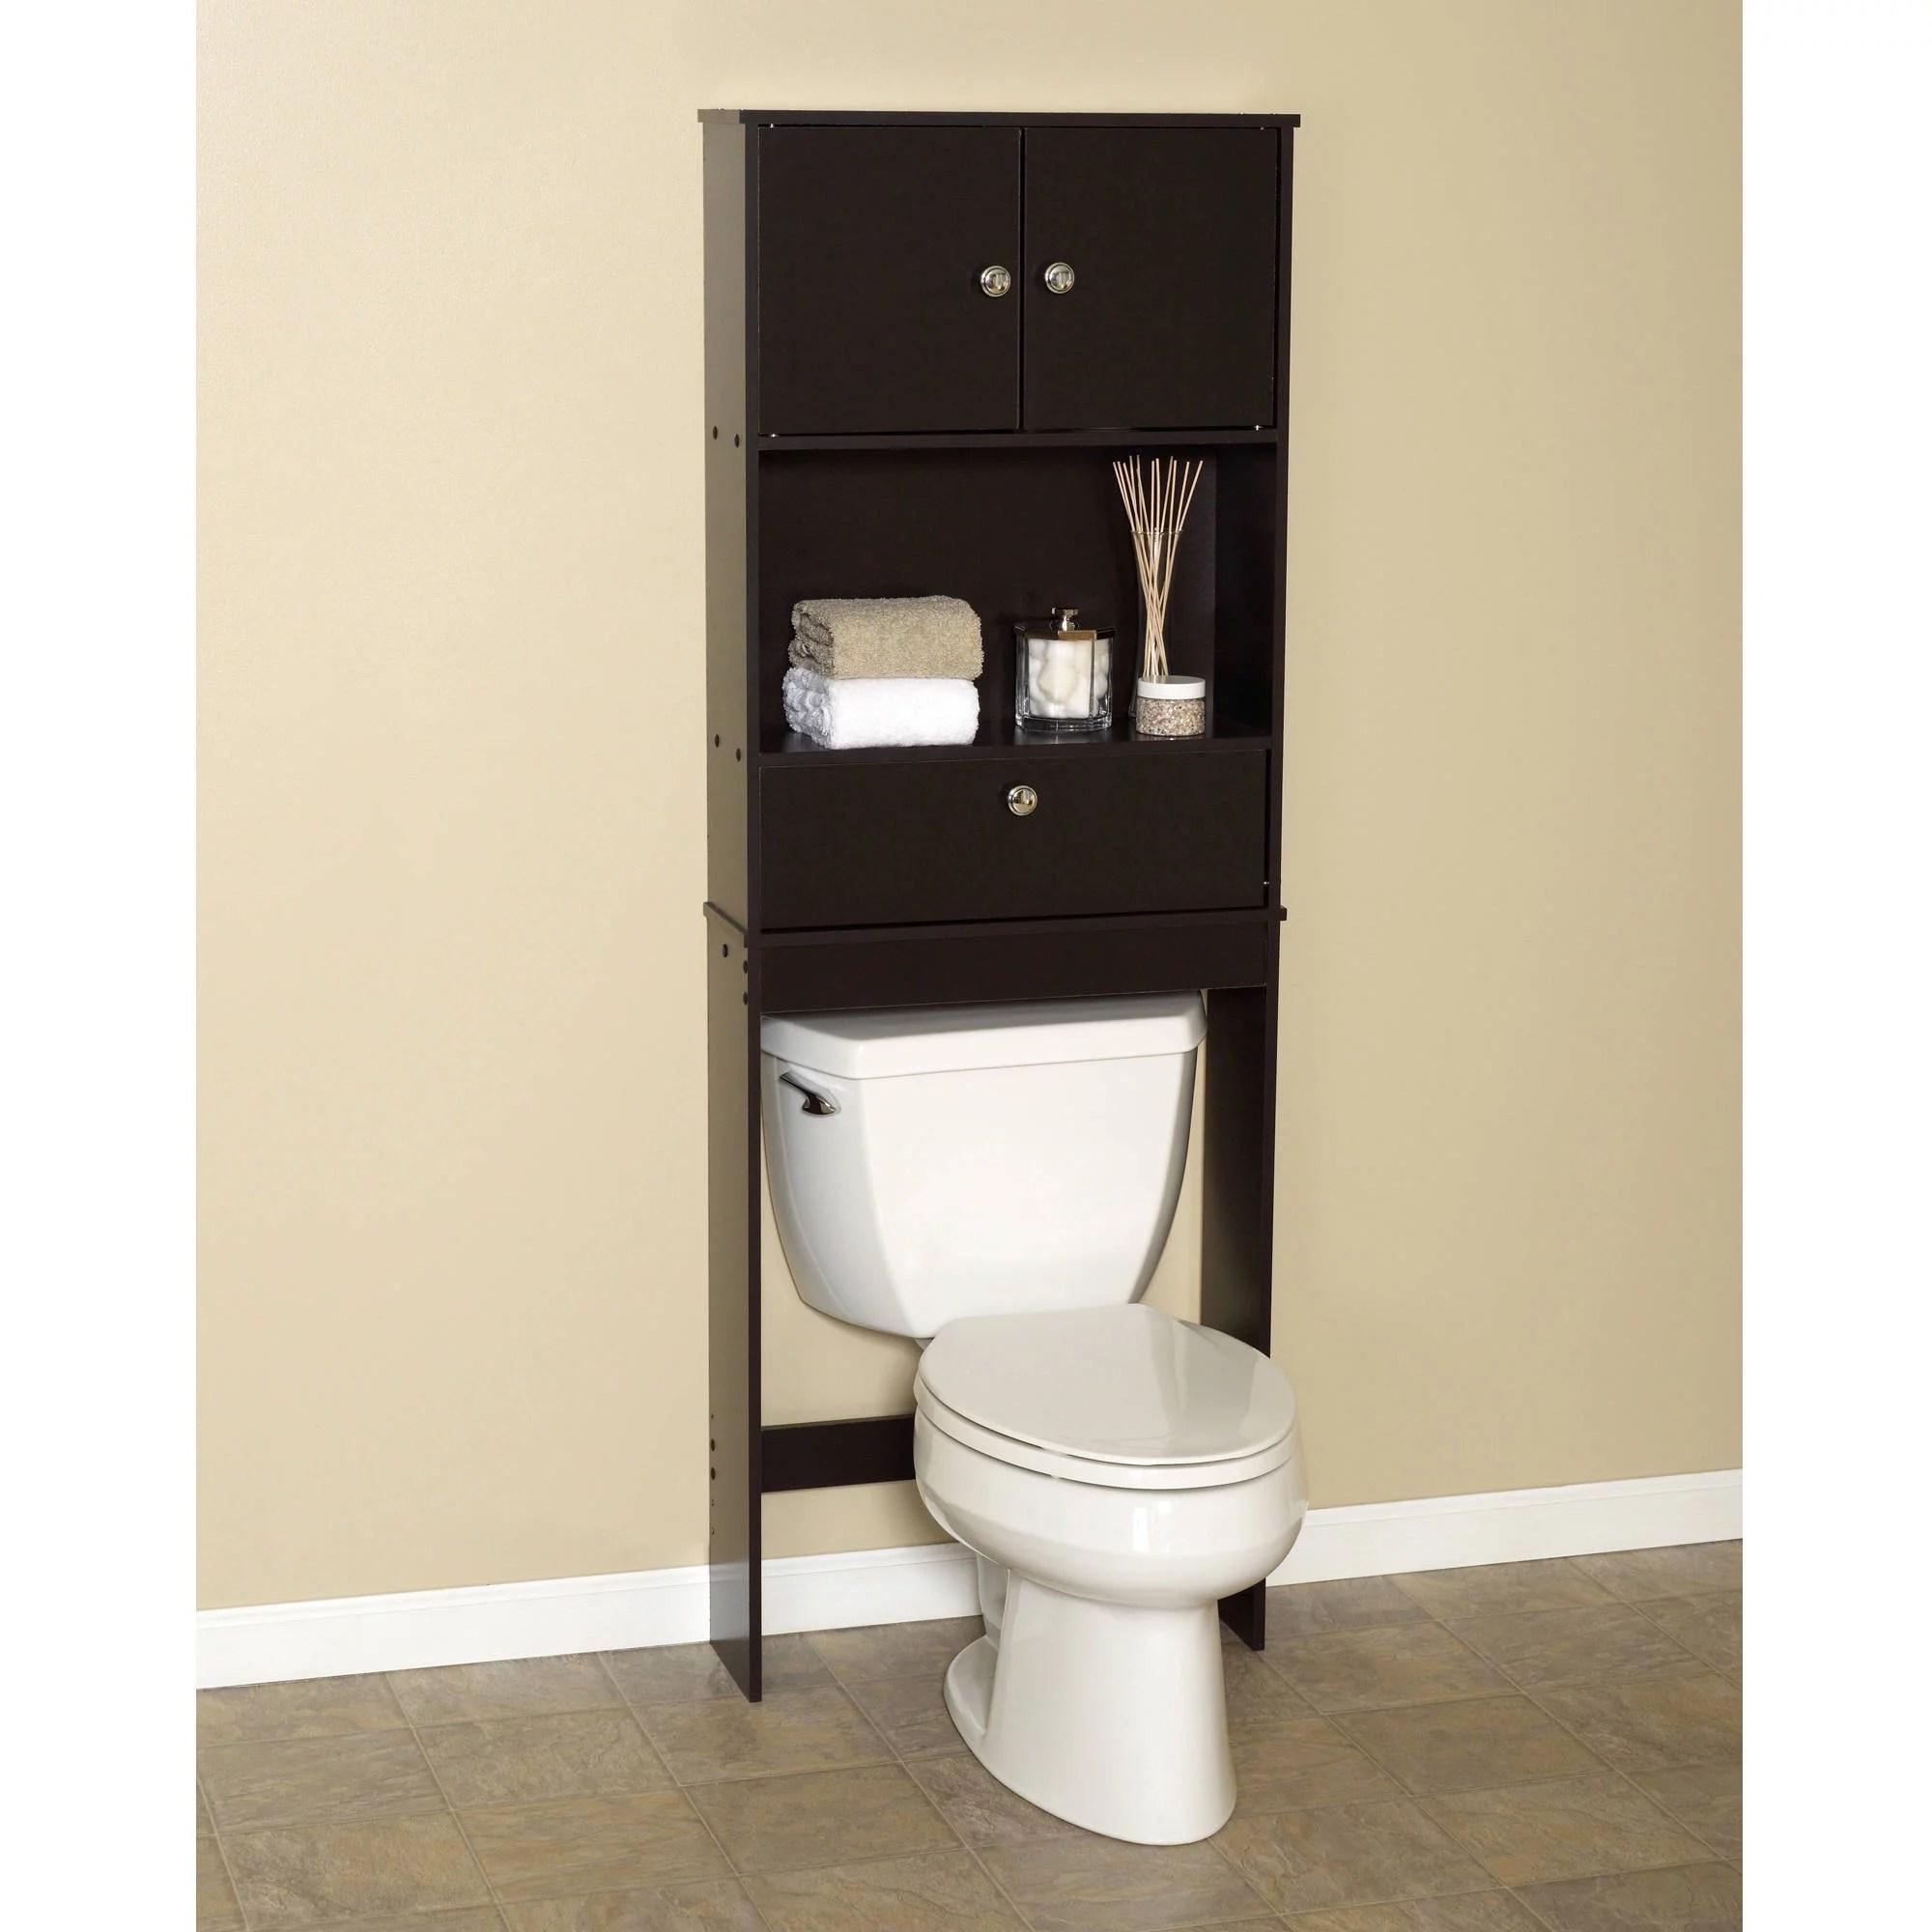 zenna home drop door over the toilet bathroom storage space saver with 2 door cabinet espresso